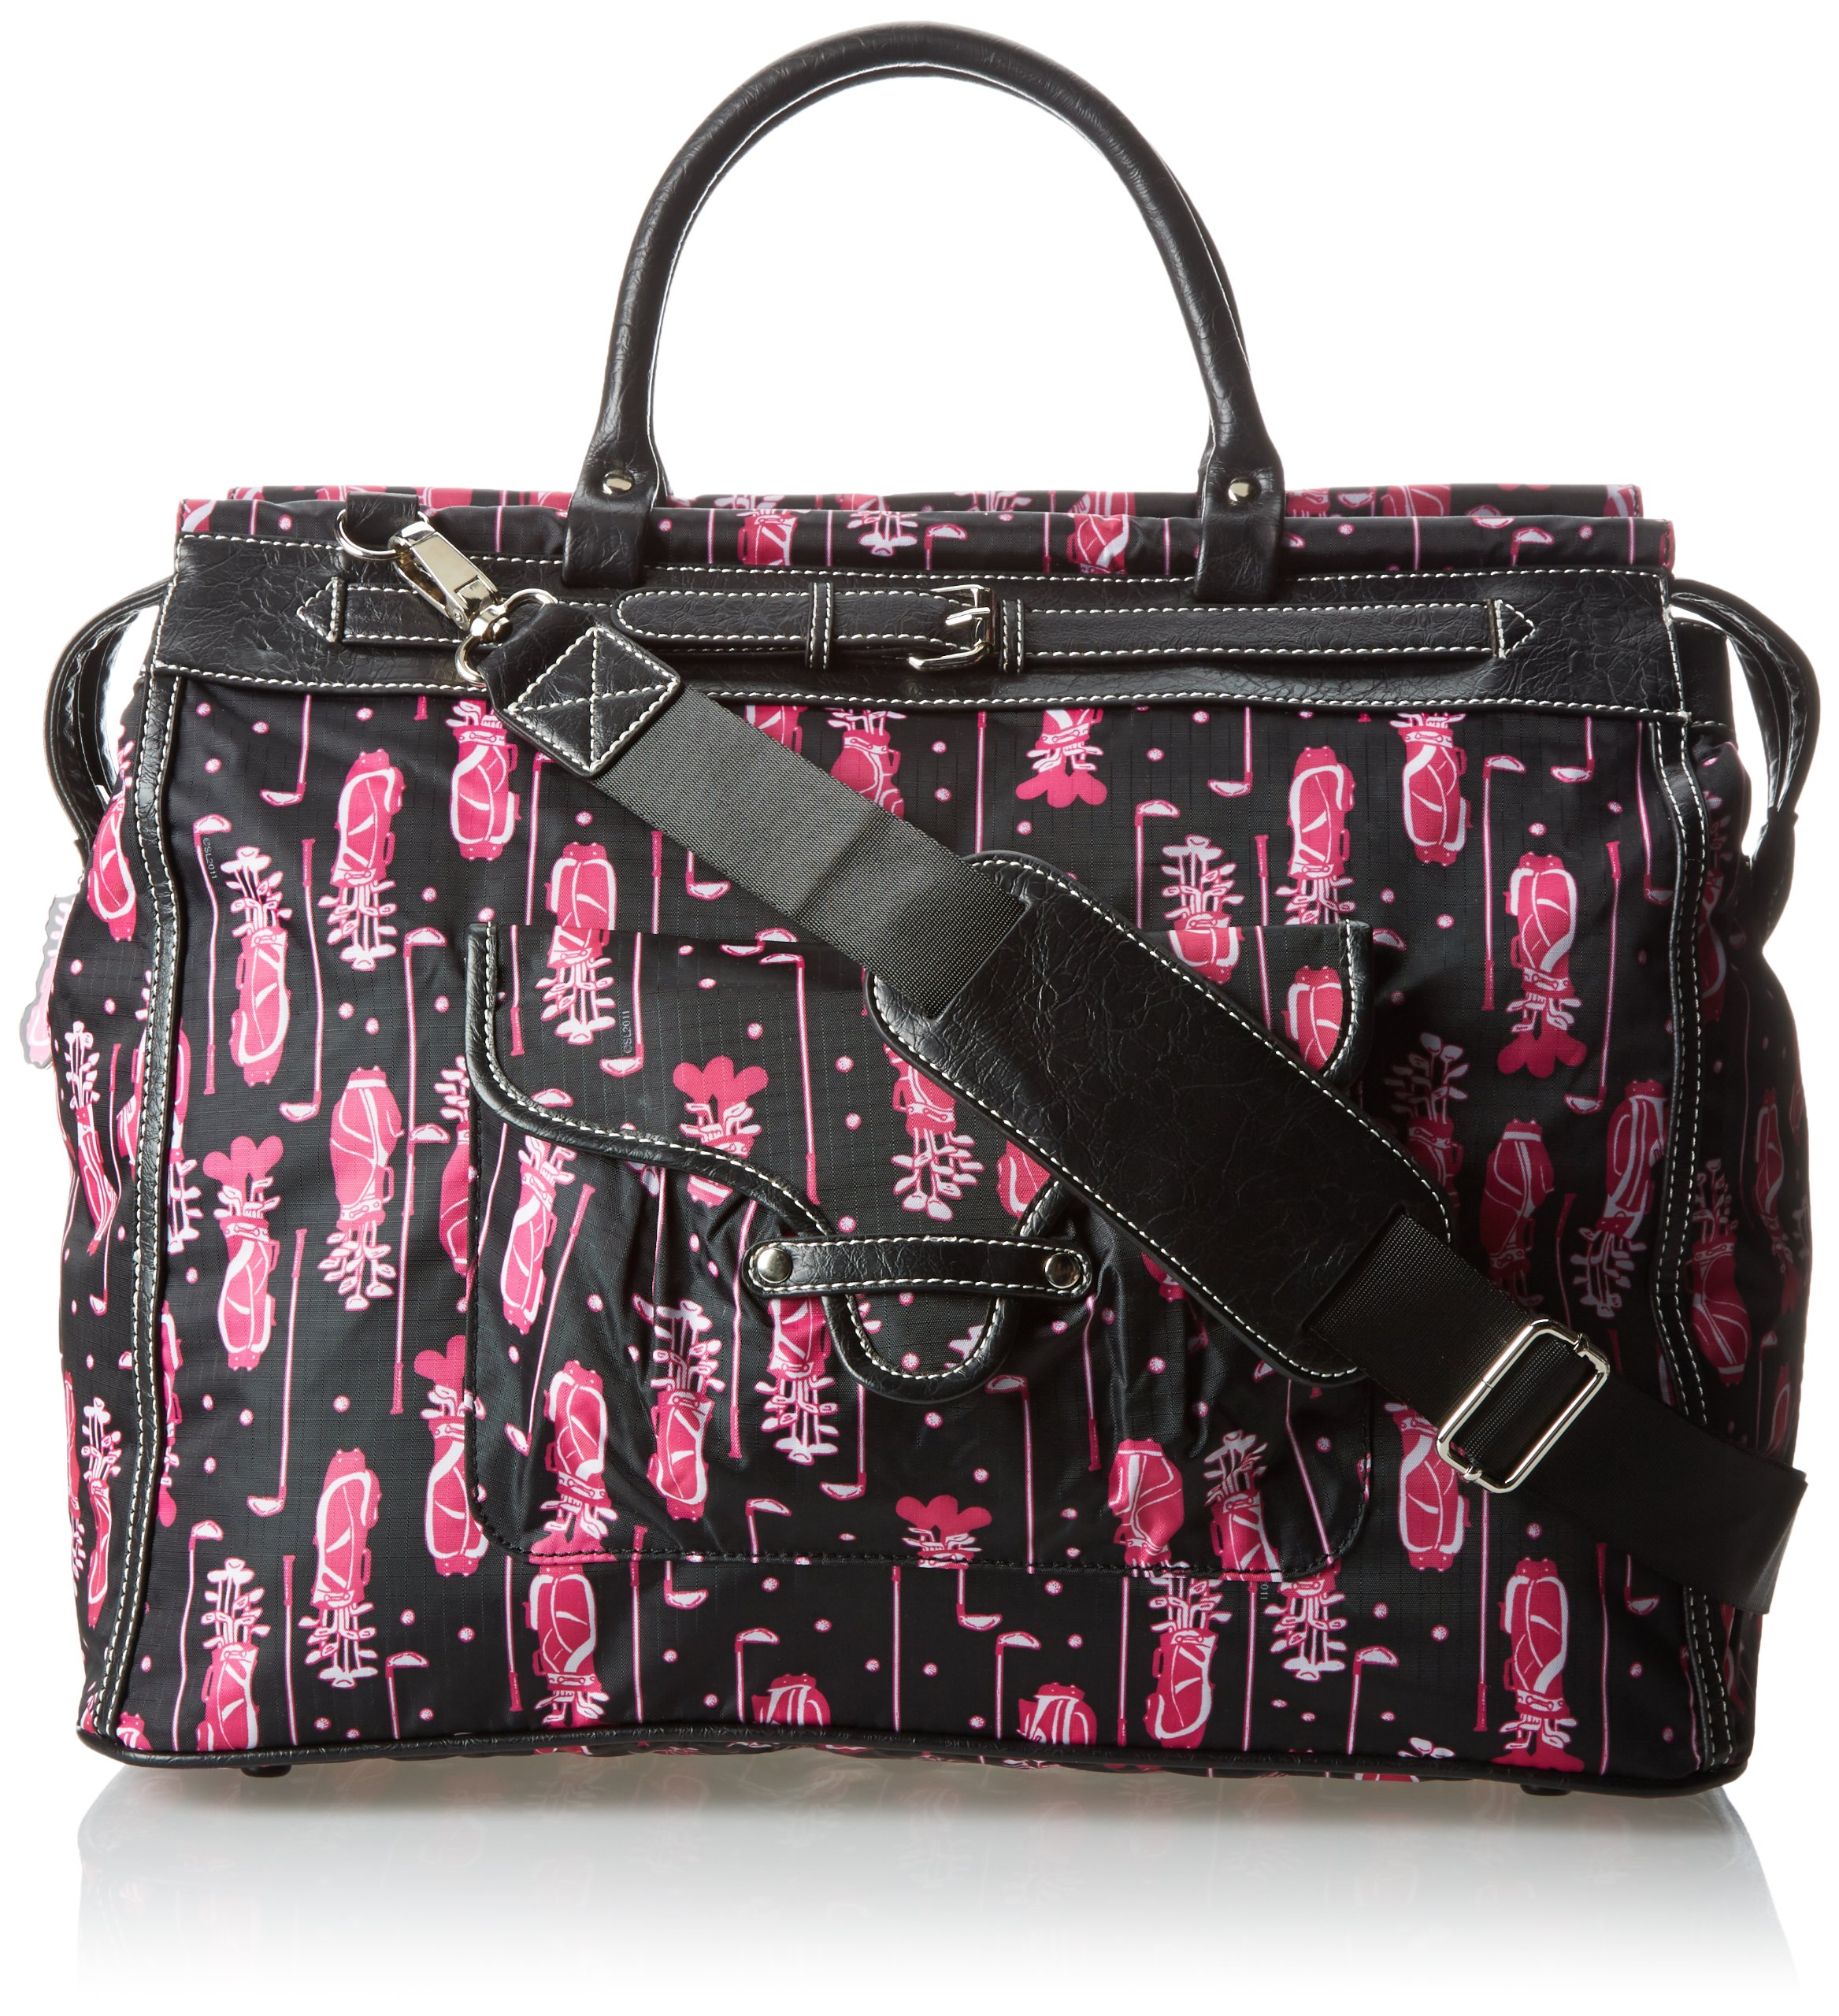 Sydney Love Fuchsia Golf Getaway Bag Carry On,Multi,One Size